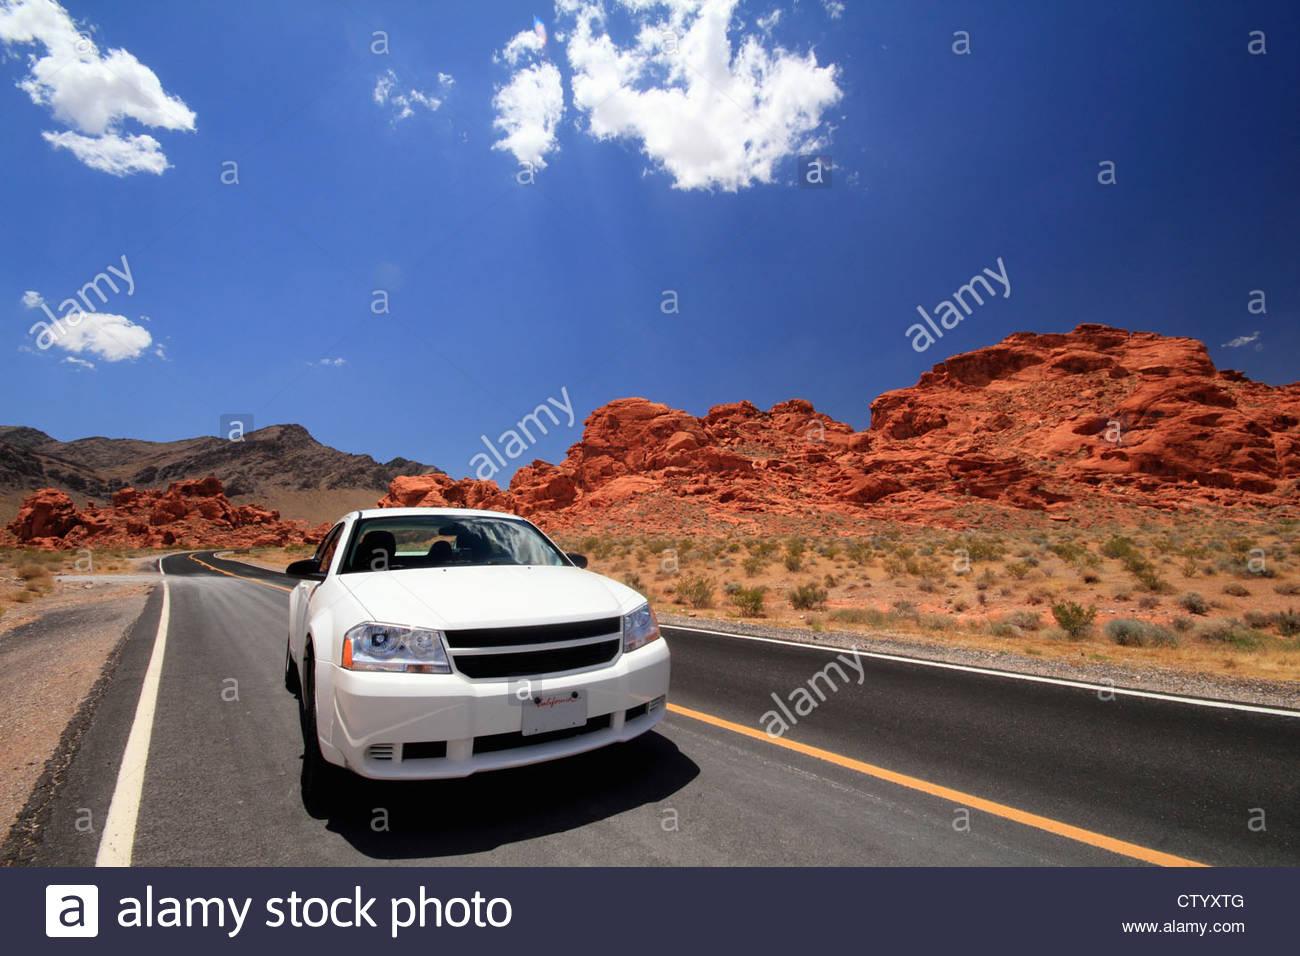 Car driving on desert road - Stock Image